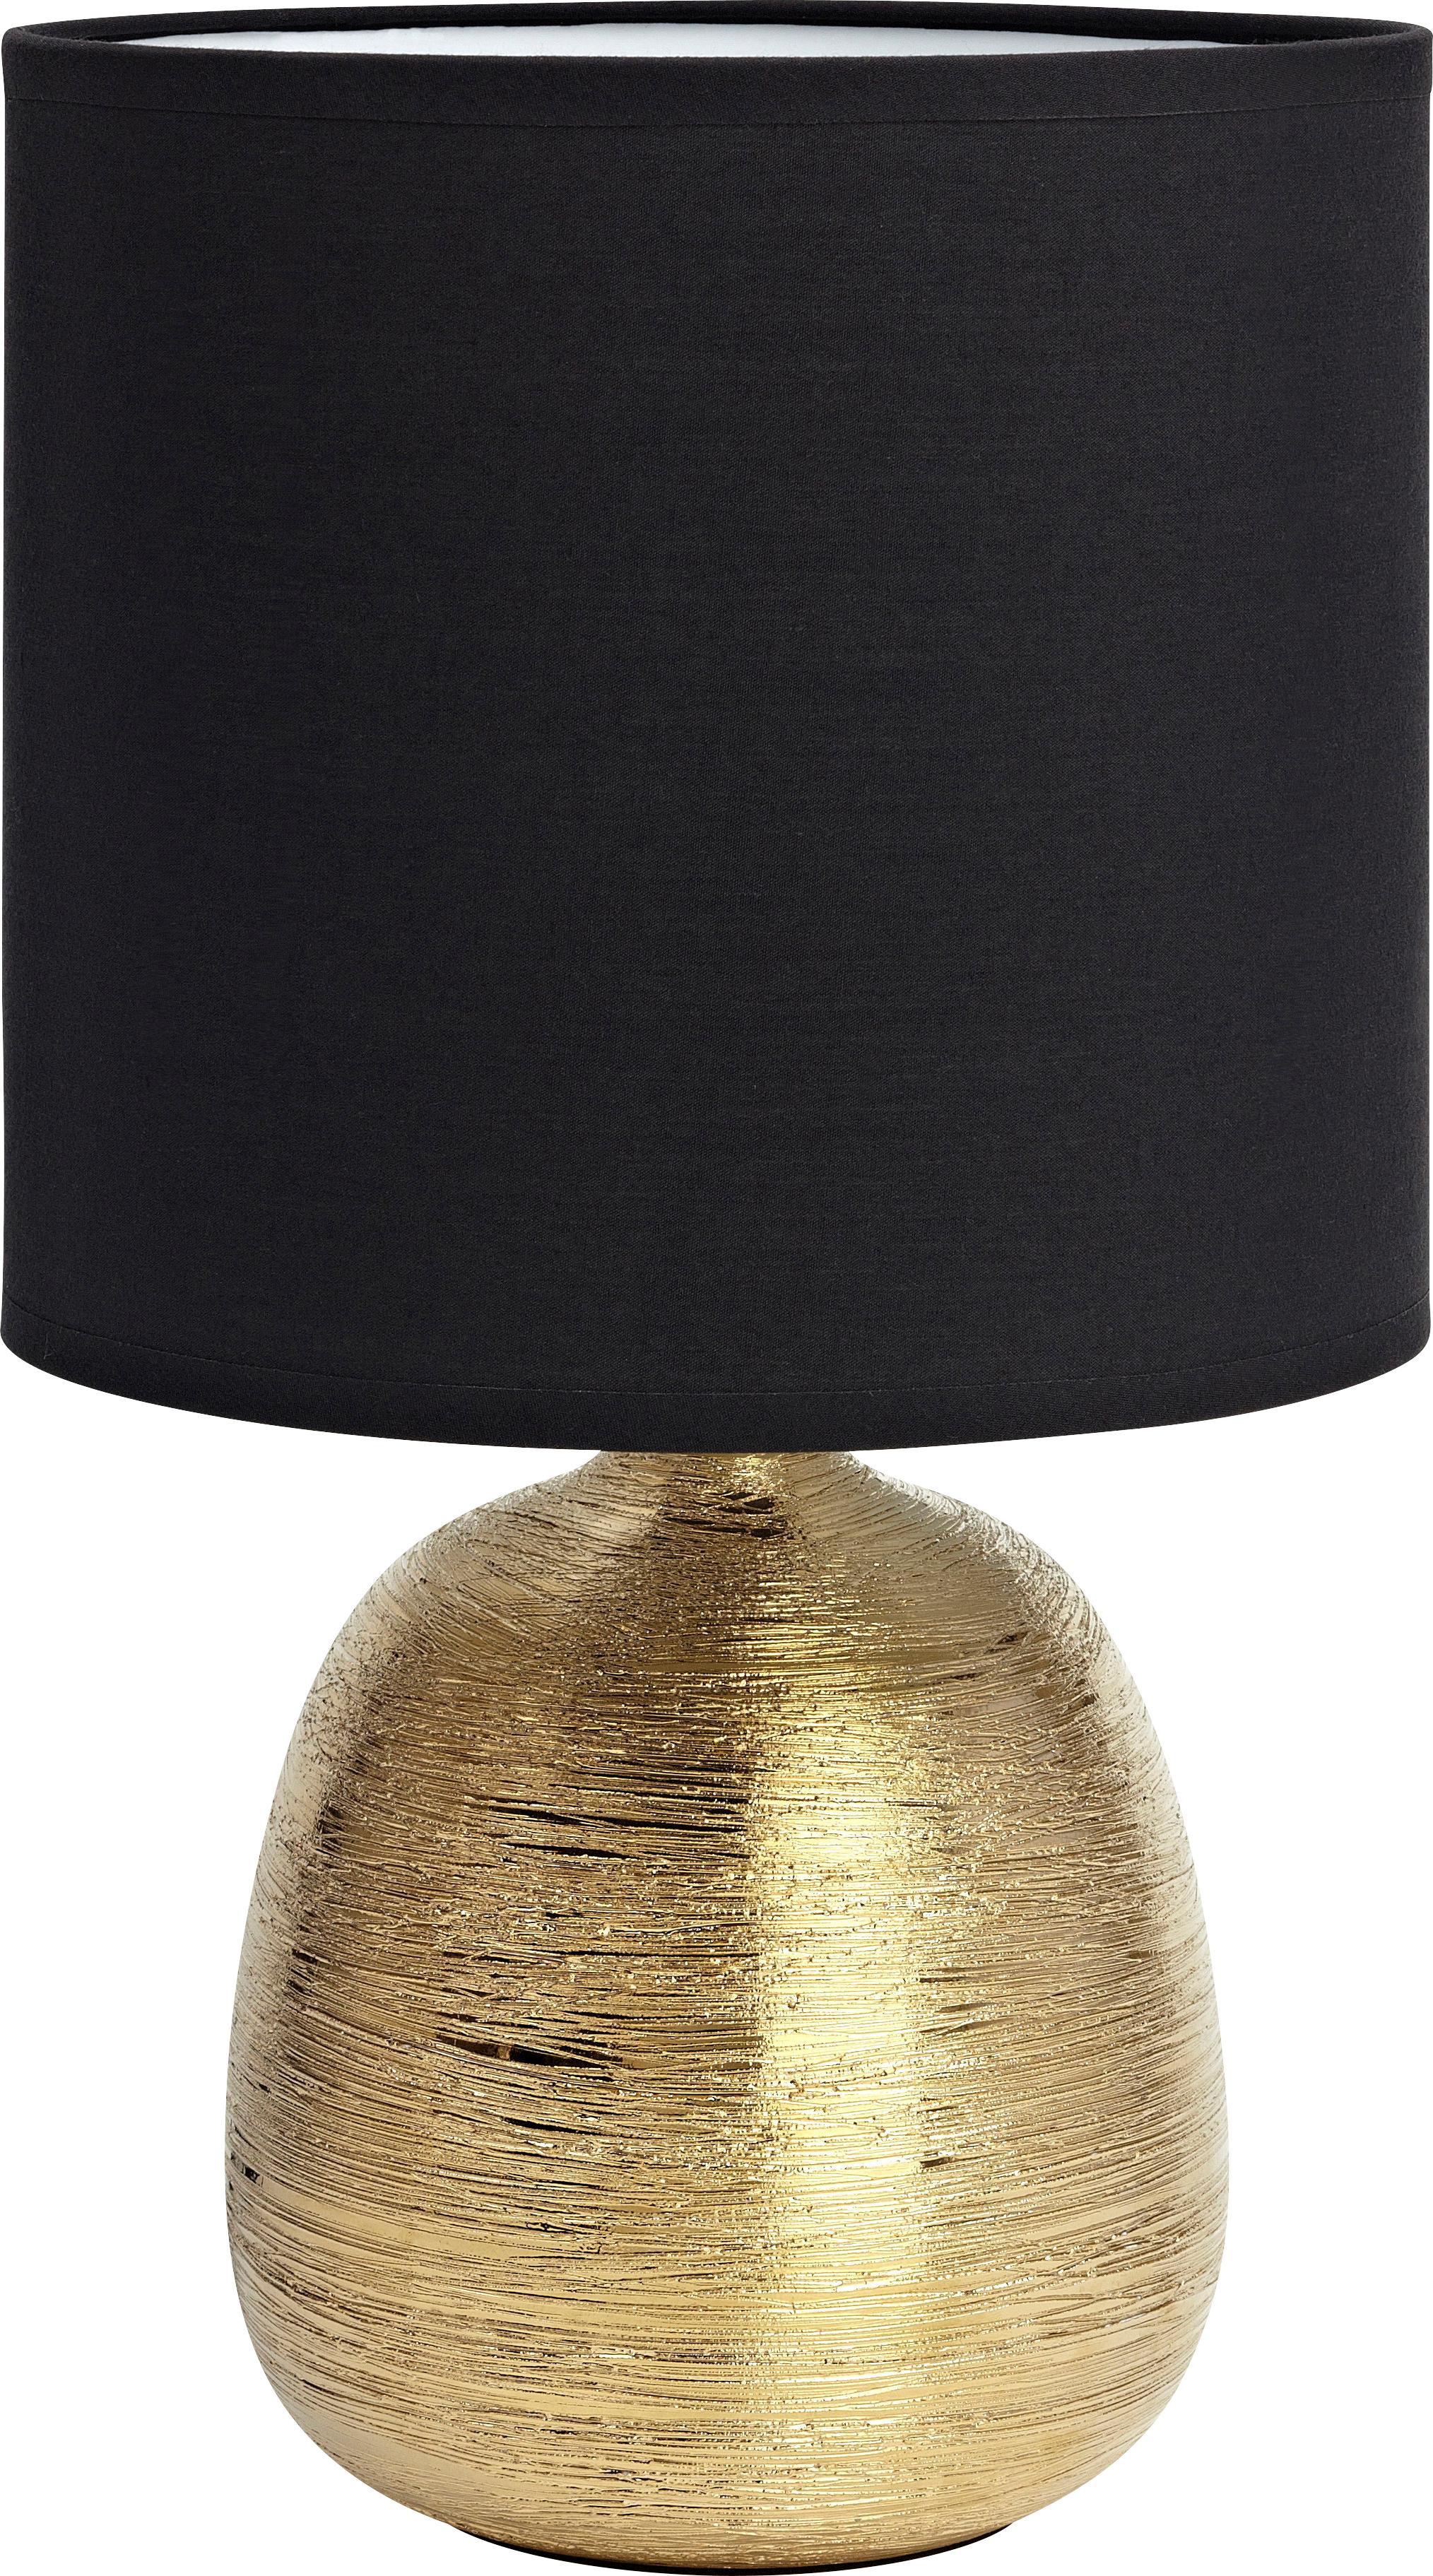 Tafellamp Oscar, Lampvoet: keramiek, Zwart, goudkleurig, Ø 20 x H 39 cm